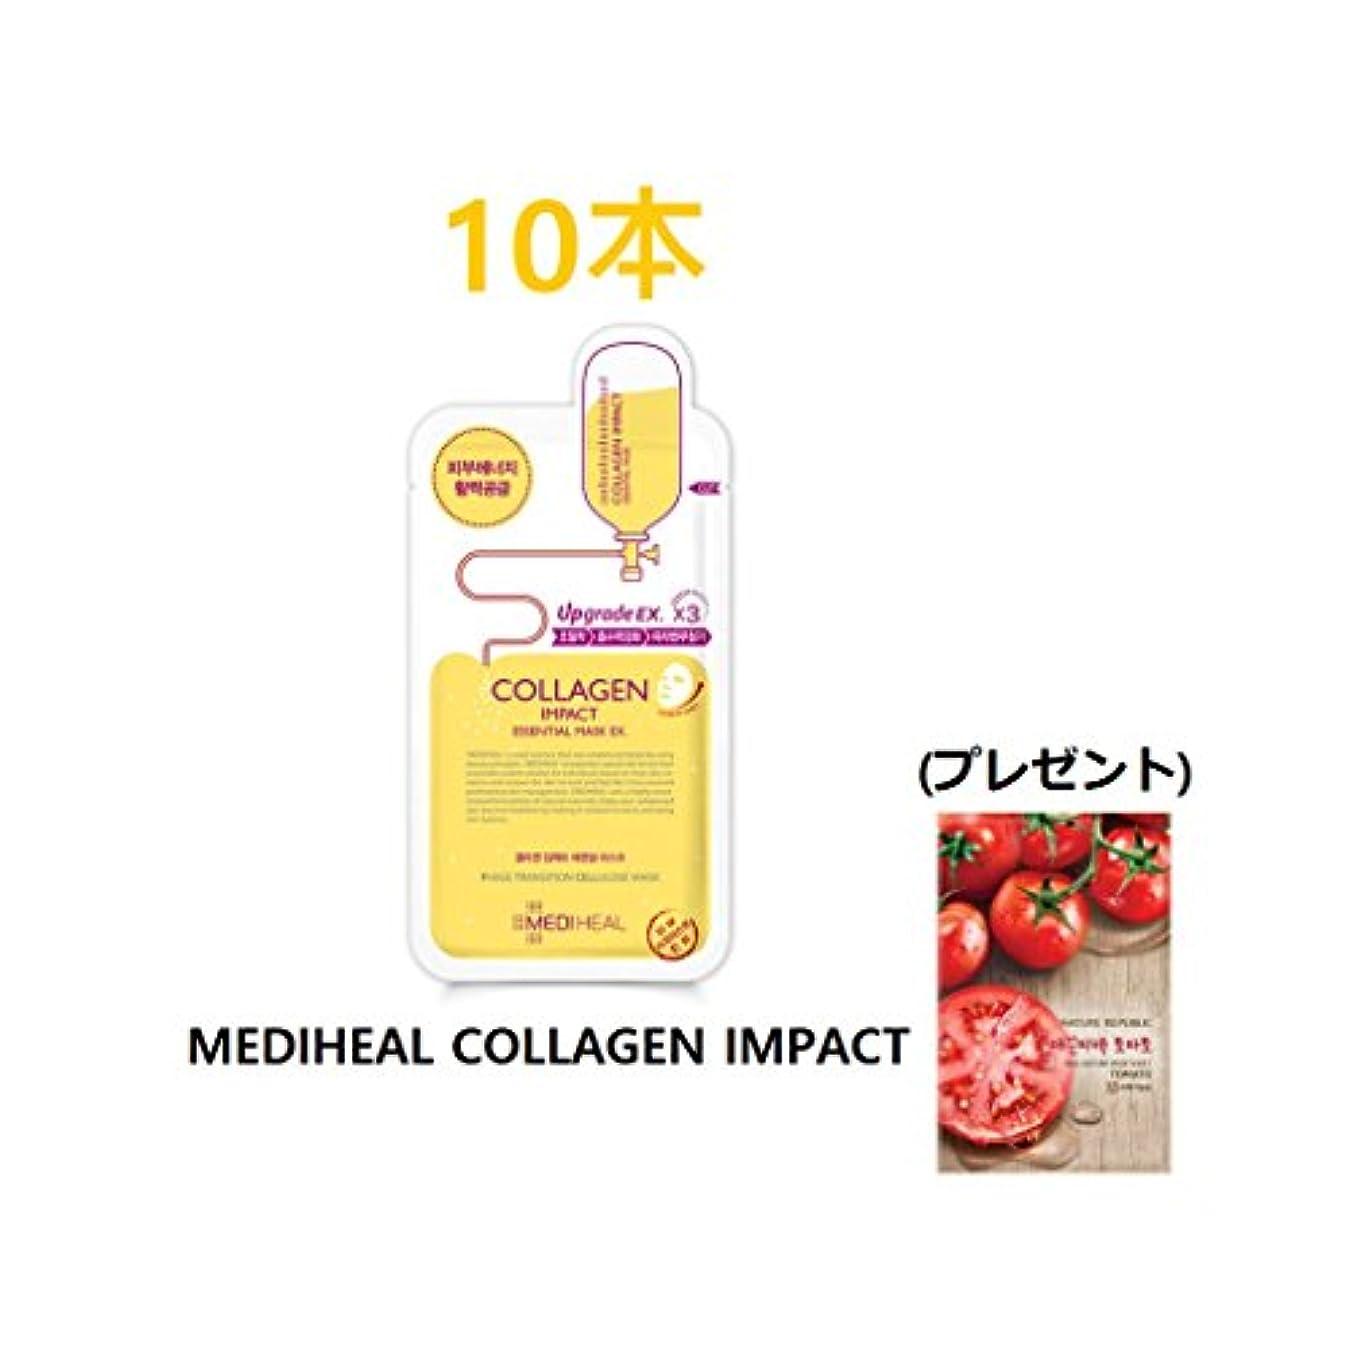 力学リラックスしたバース(プレゼント) Mediheal Collagen Impact REX (メディヒール) エッセンシャルマスクパック10枚セット/コラーゲンインパクト/ [並行輸入品]